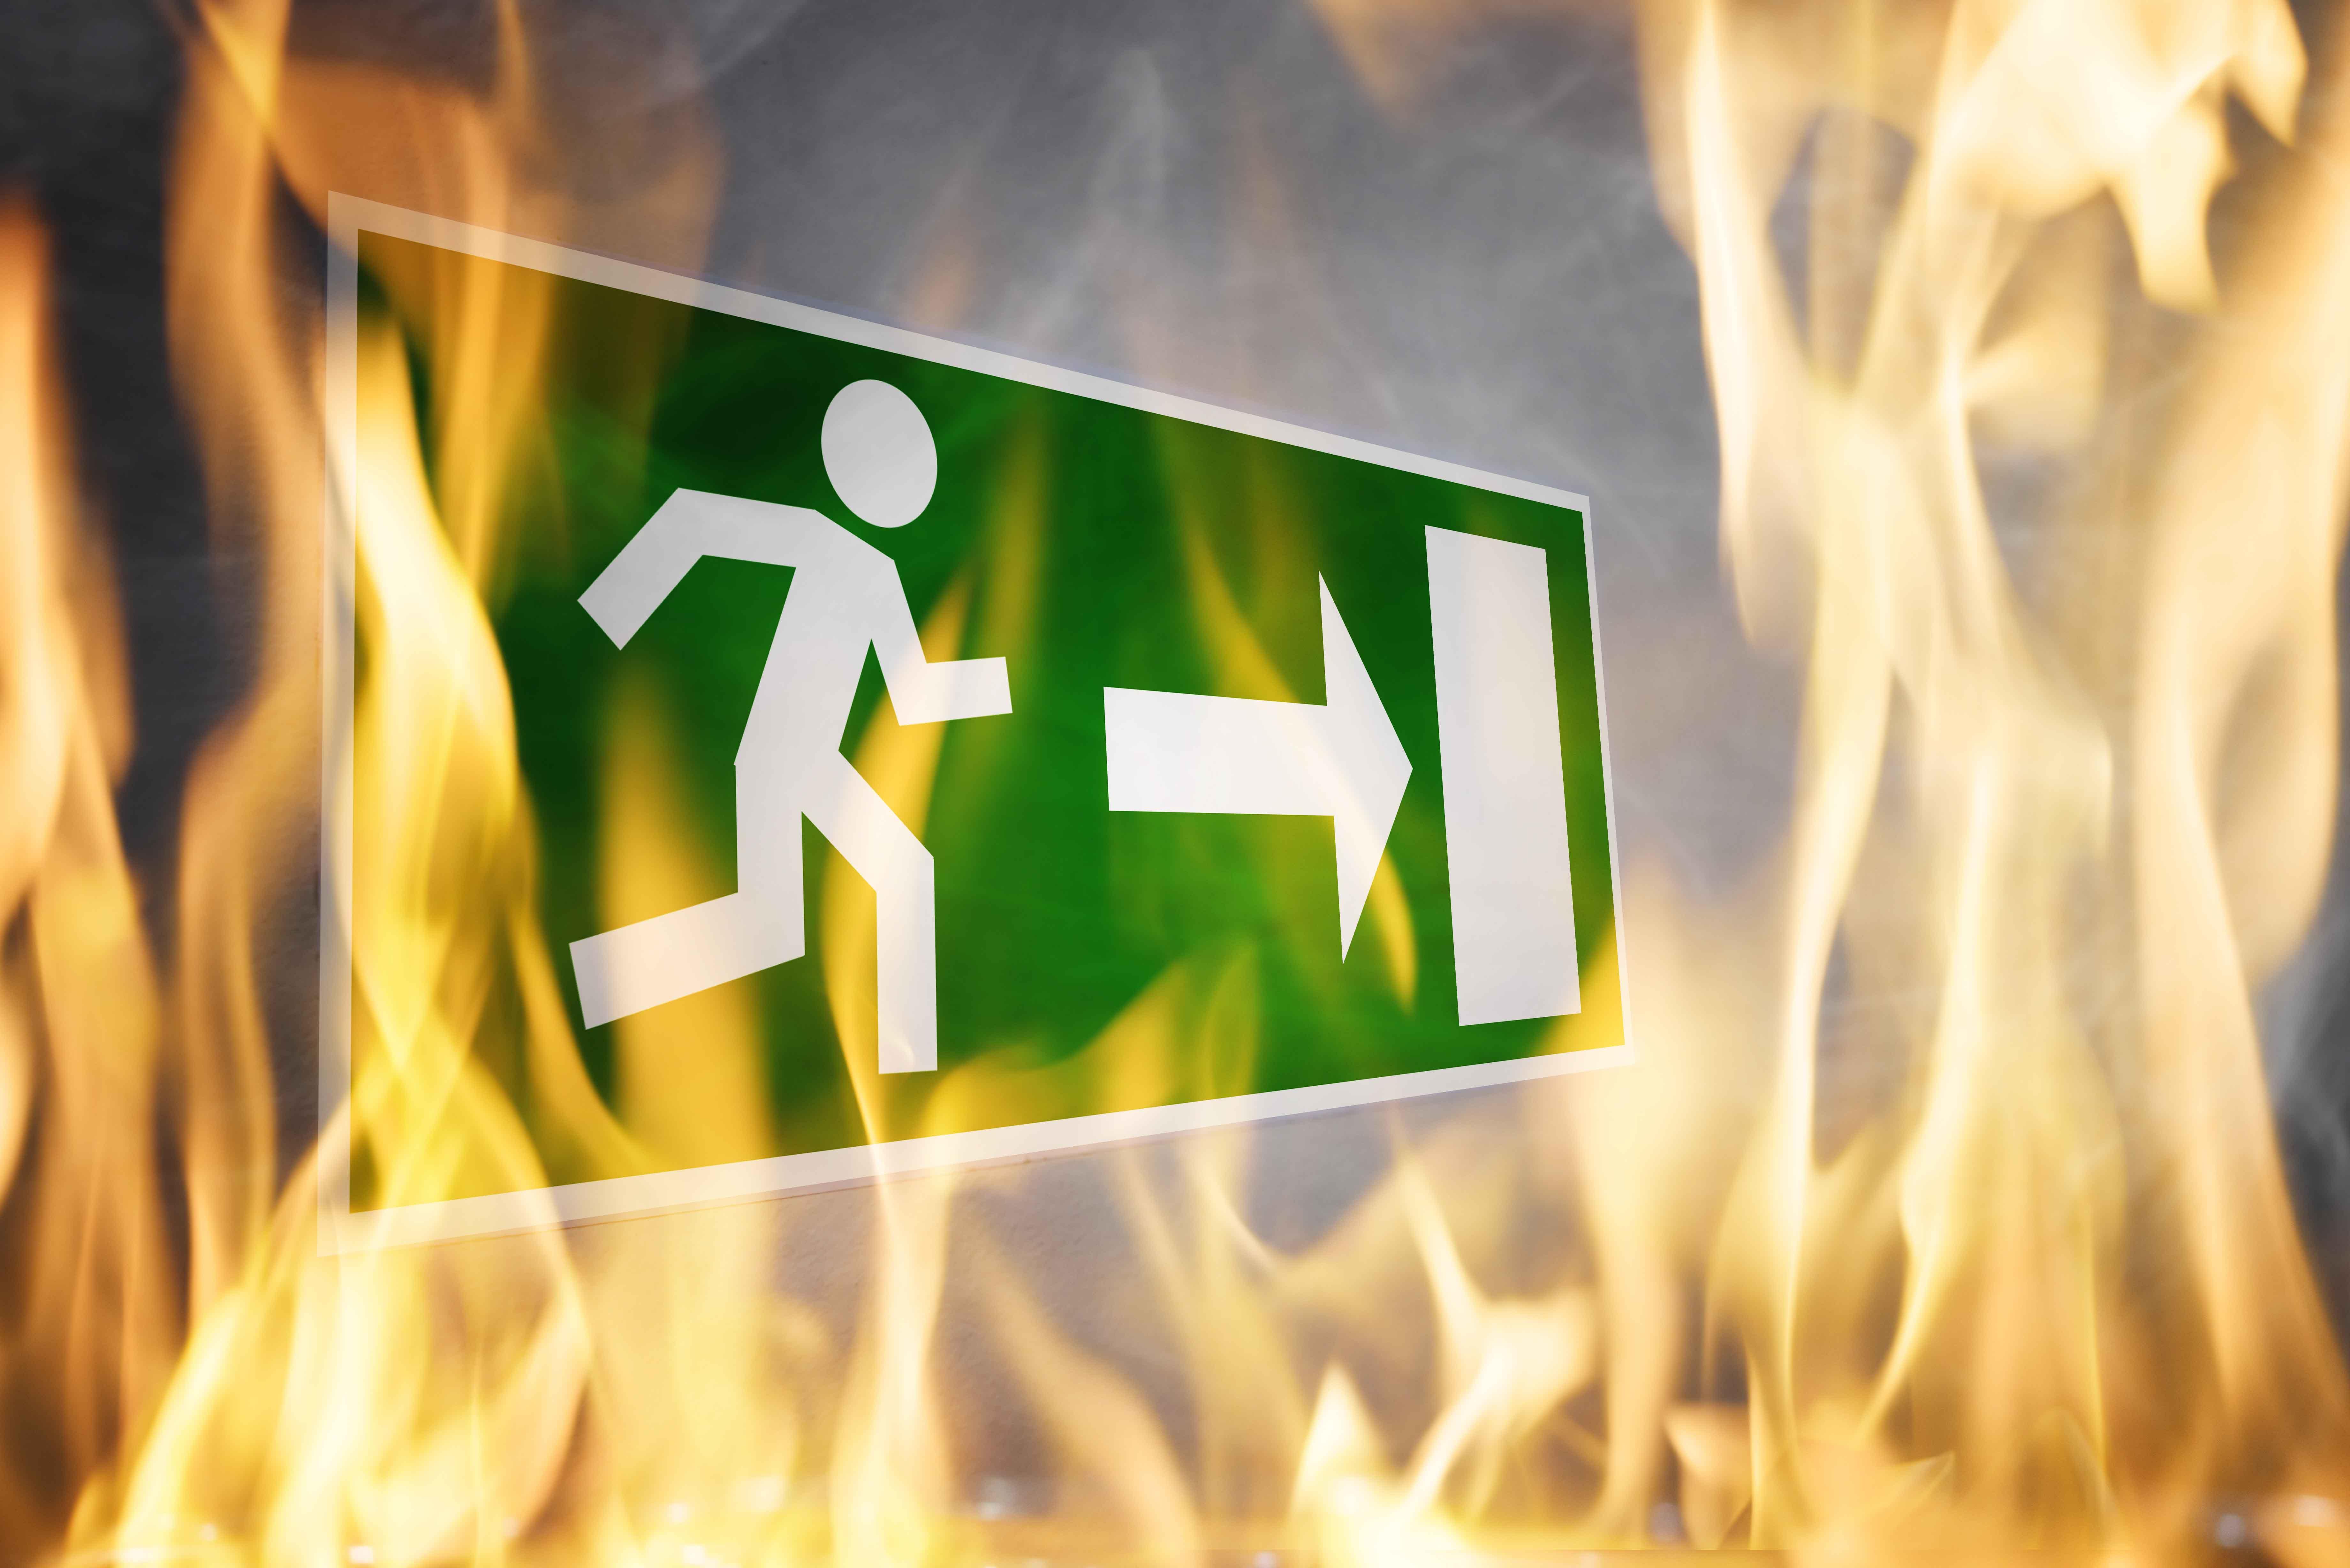 Cartel de salida de emergencia rodeado de llamas